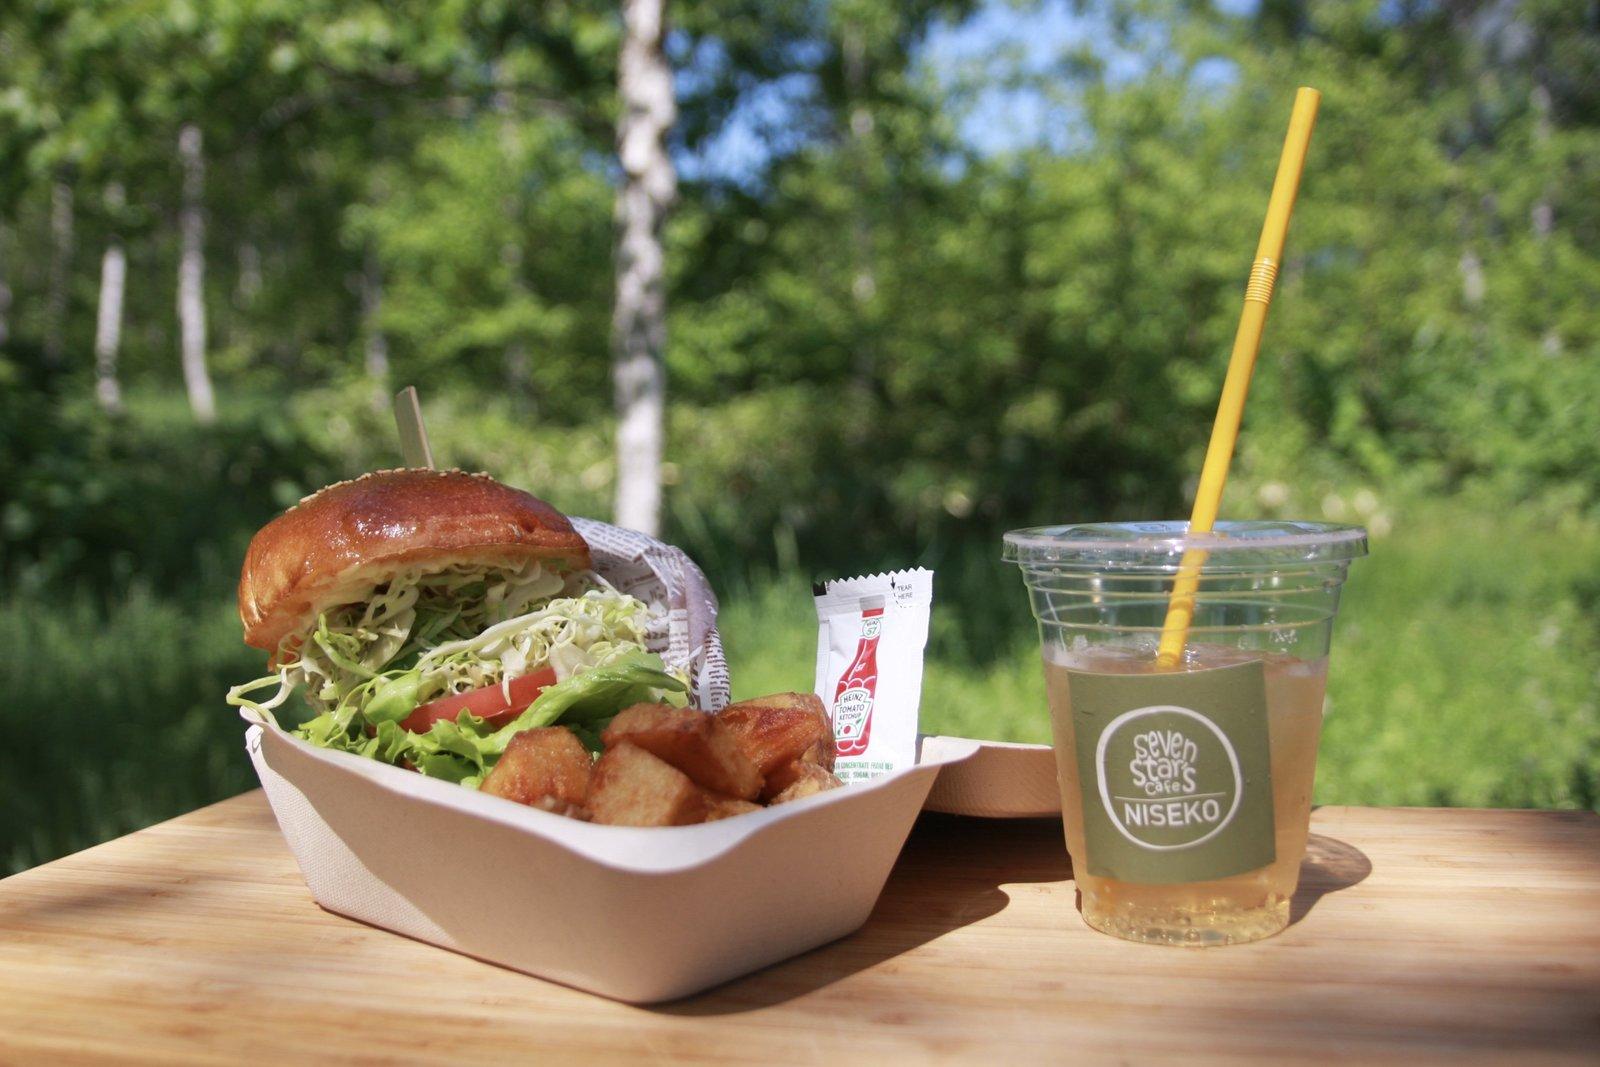 Seven Star's Cafe Burger set